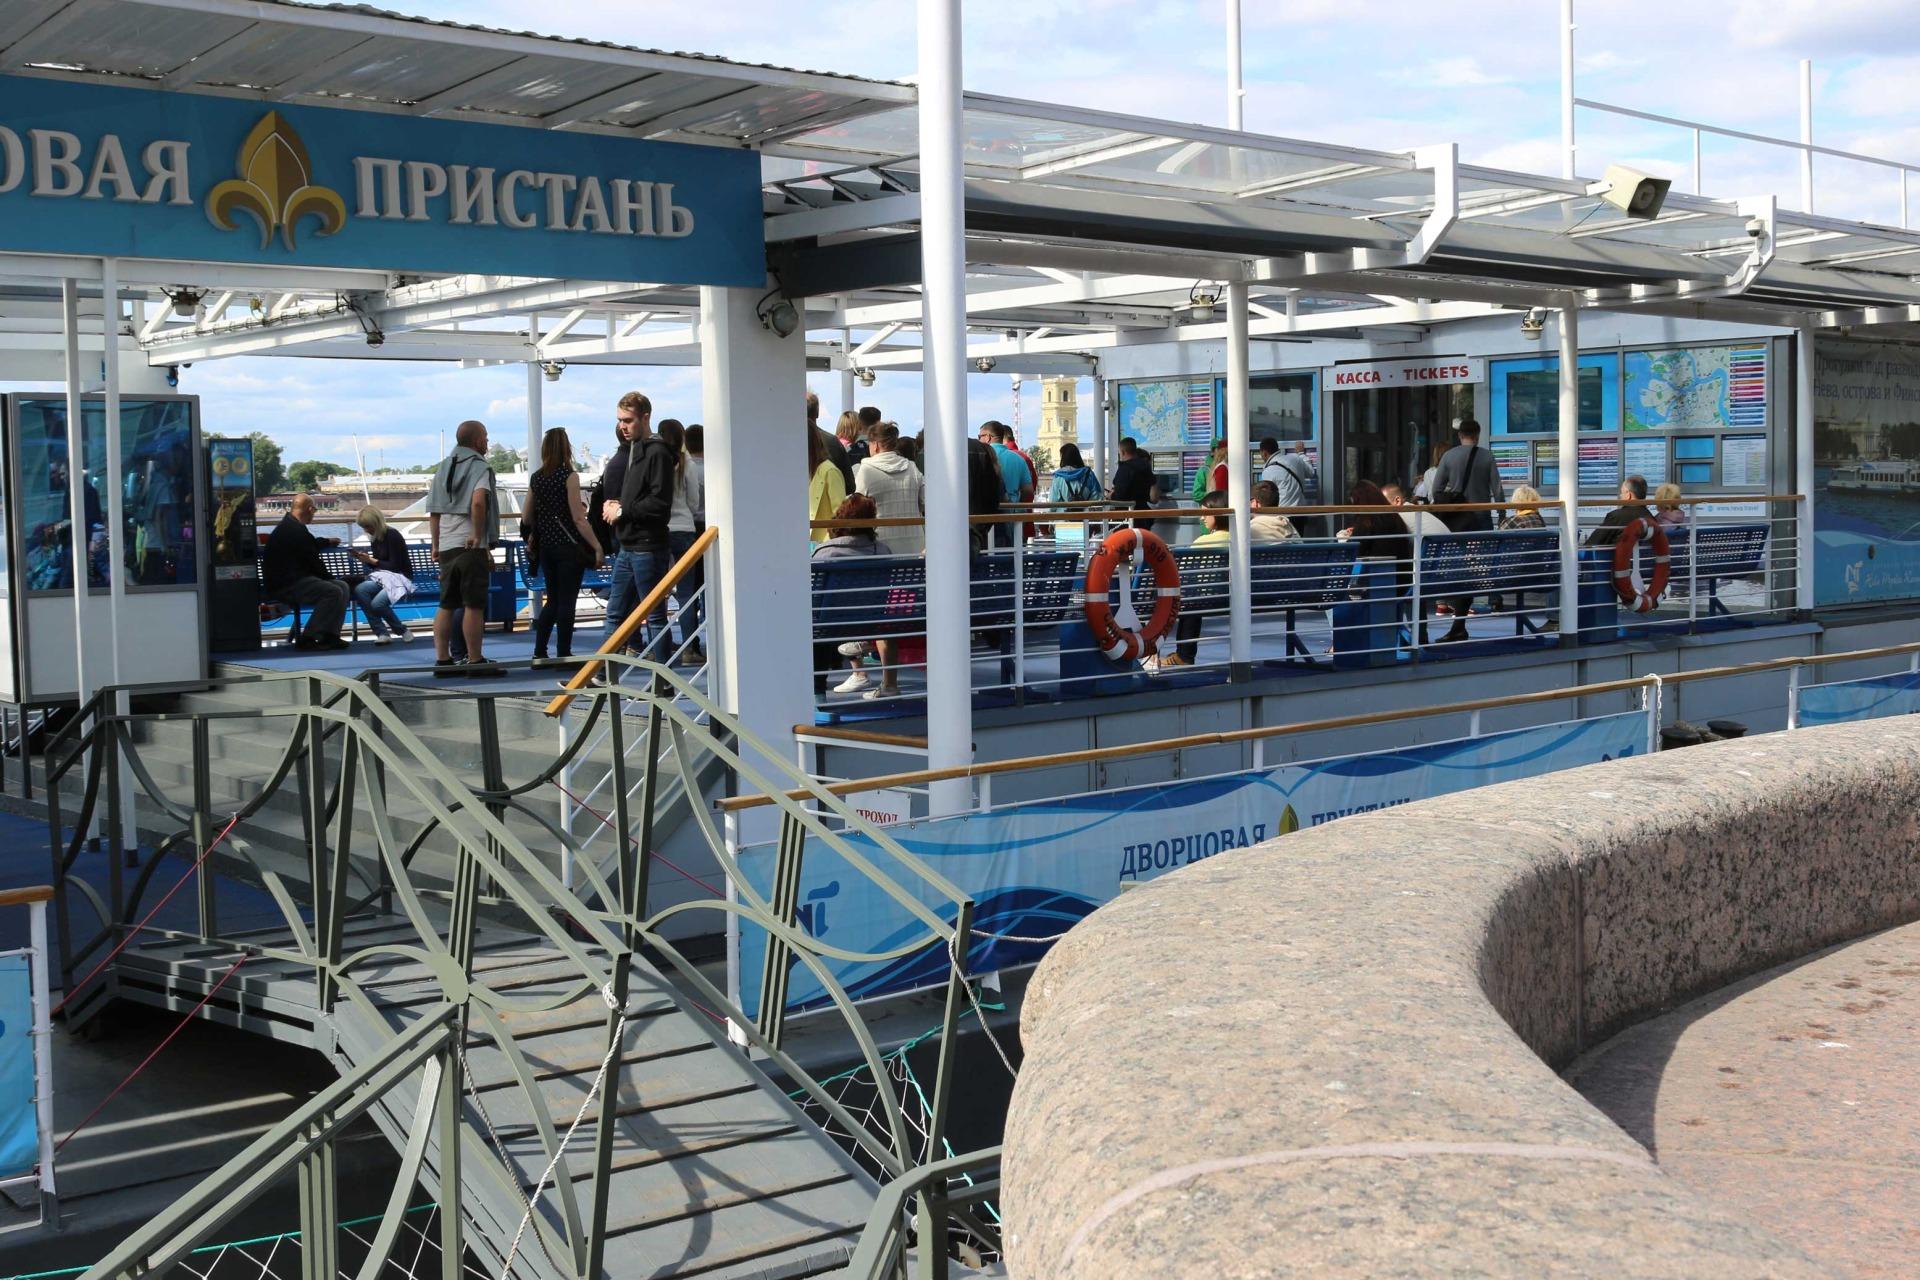 Билеты на Водные экскурсии в Питере от Эрмитажа